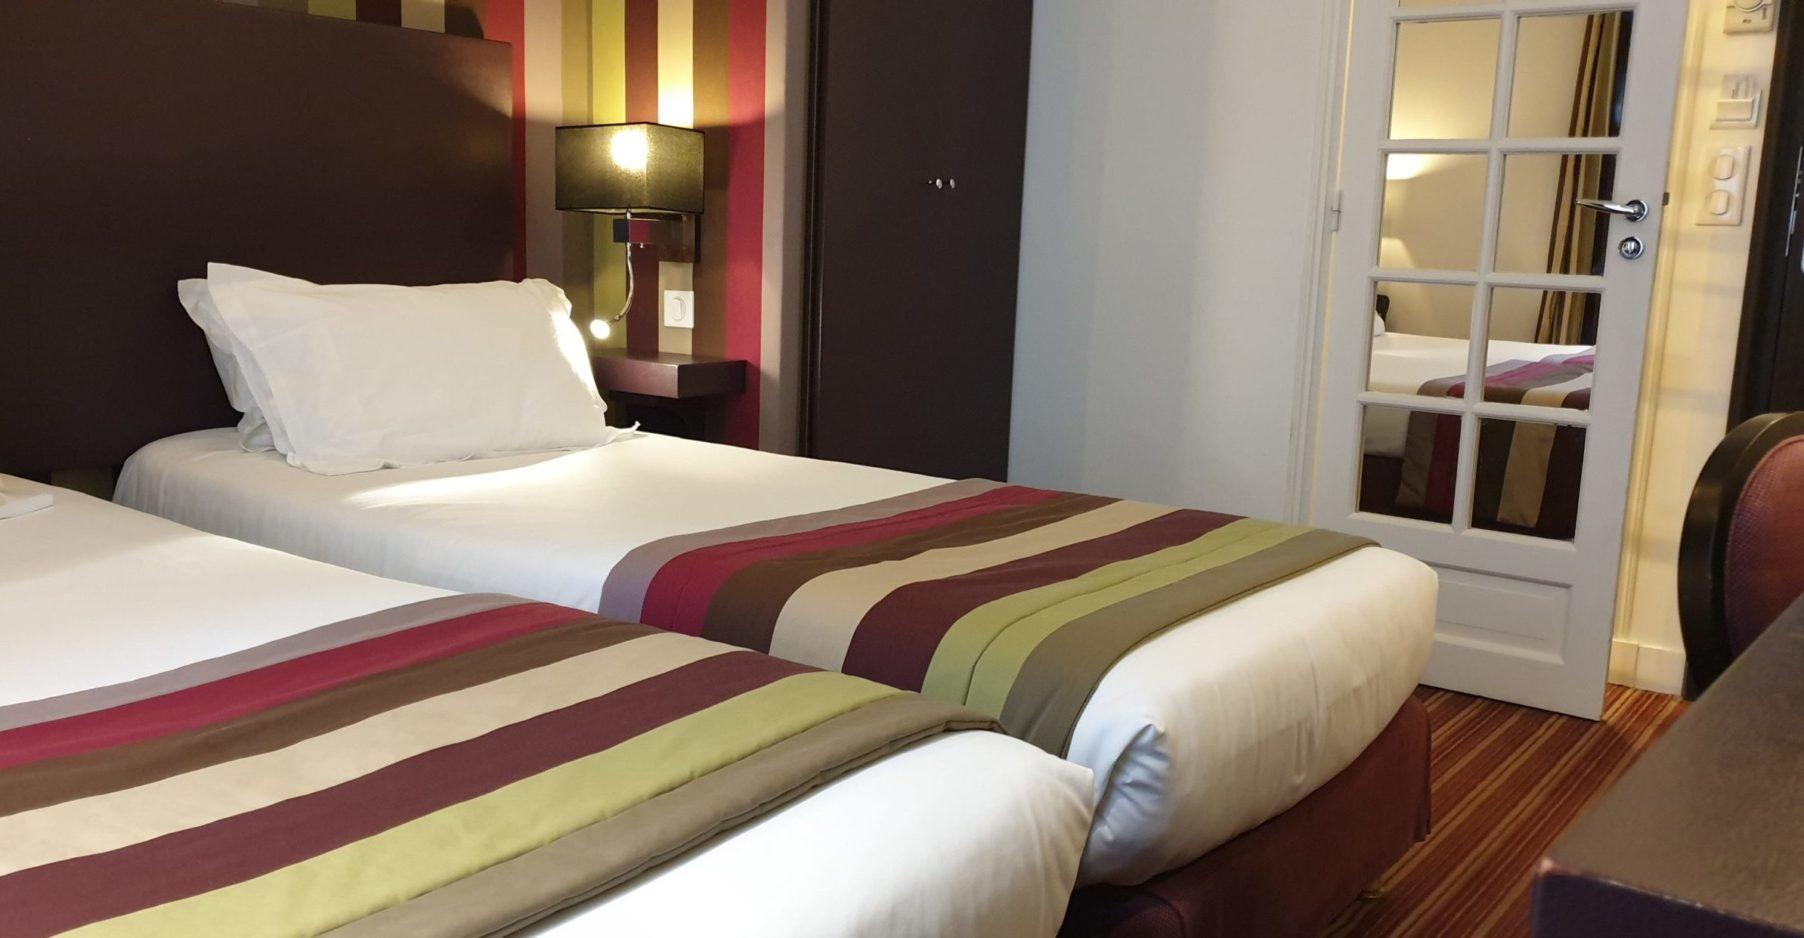 chambre twin supérieure rayures - hôtel star champs-élysées